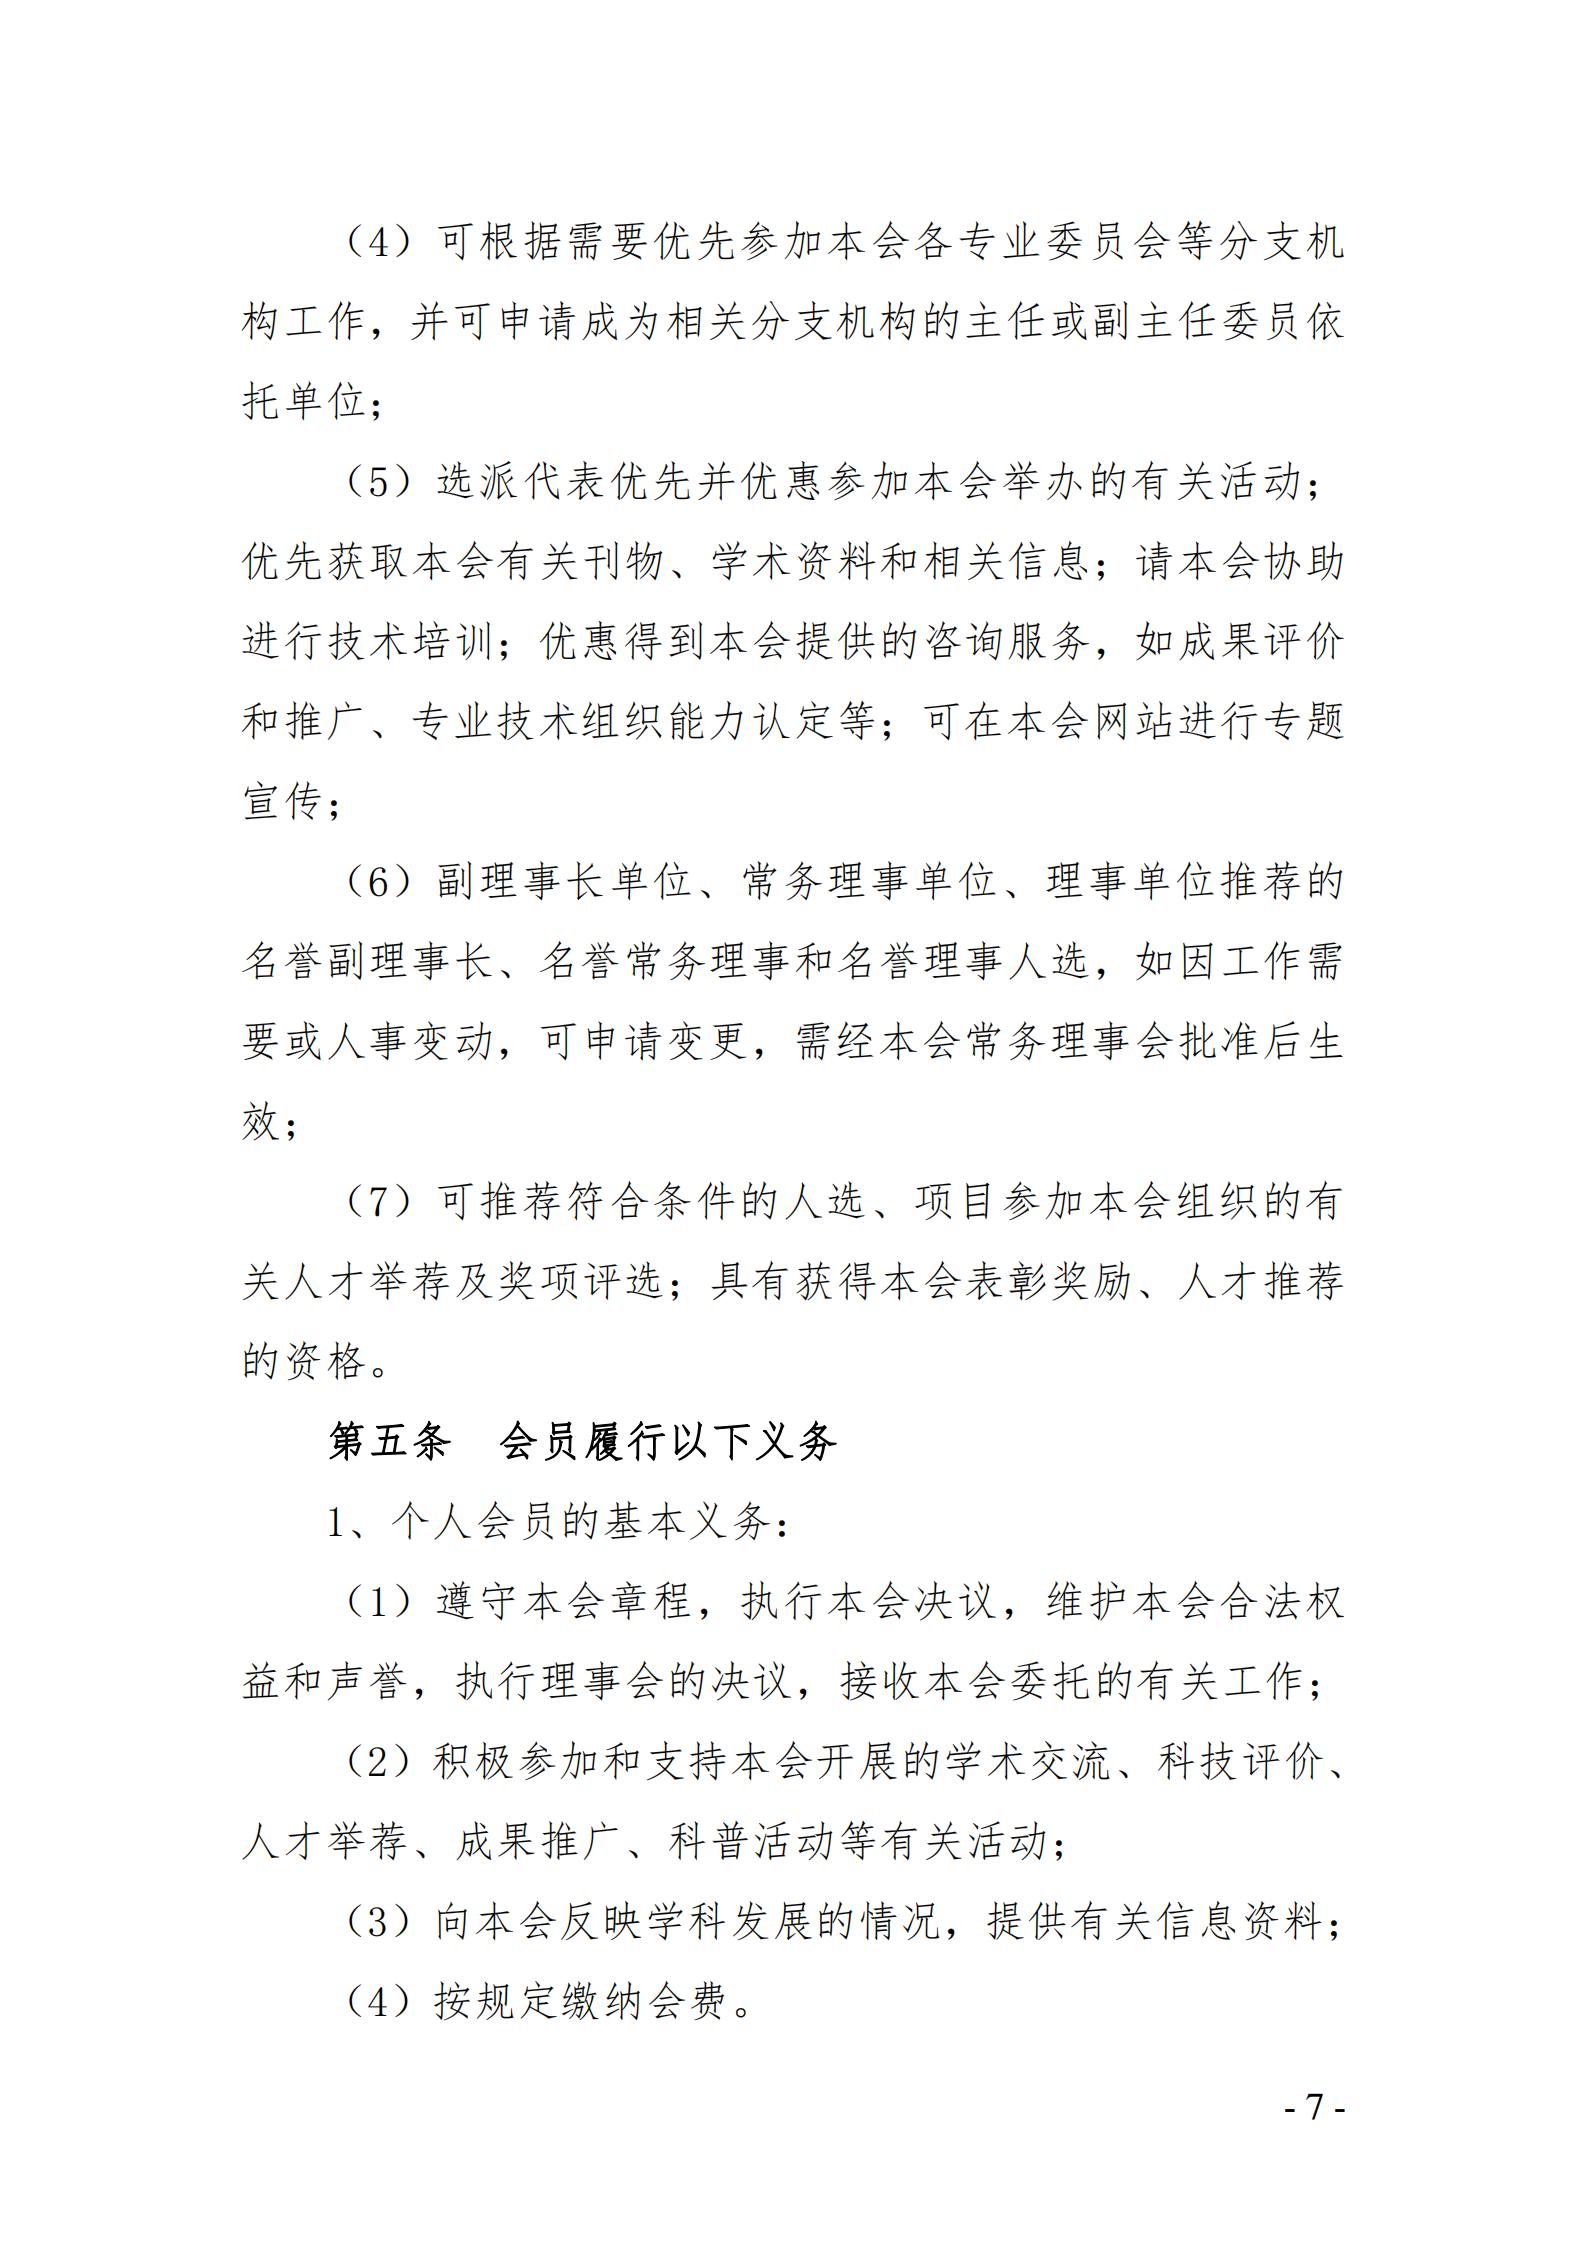 甘环学发【2021】3号 关于缴纳2021年甘肃省环境科学学会团体会员会费的通知_06.png